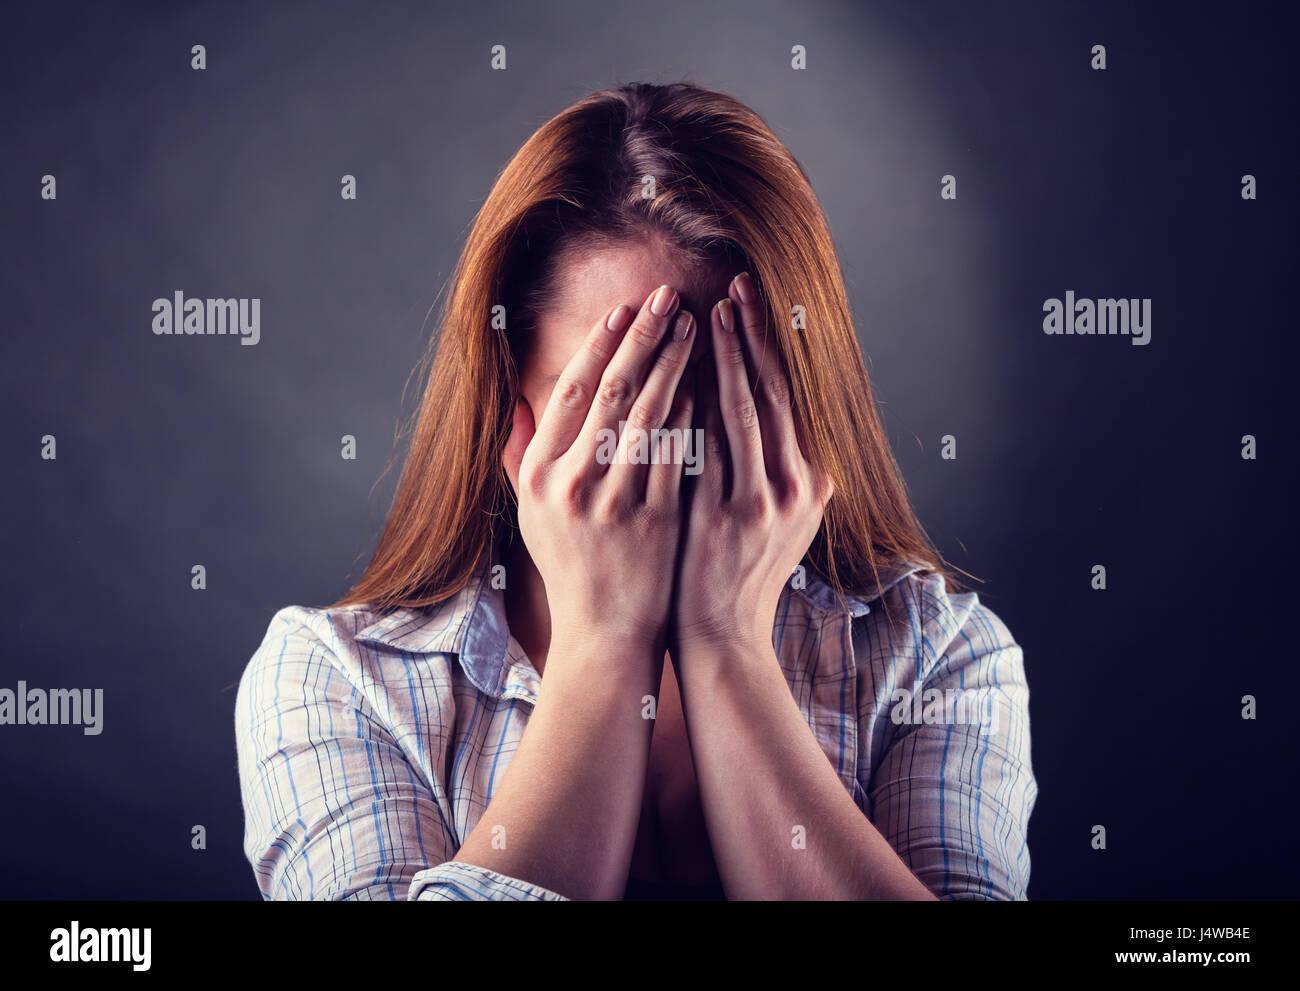 Femme pleurant sur fond sombre Photo Stock